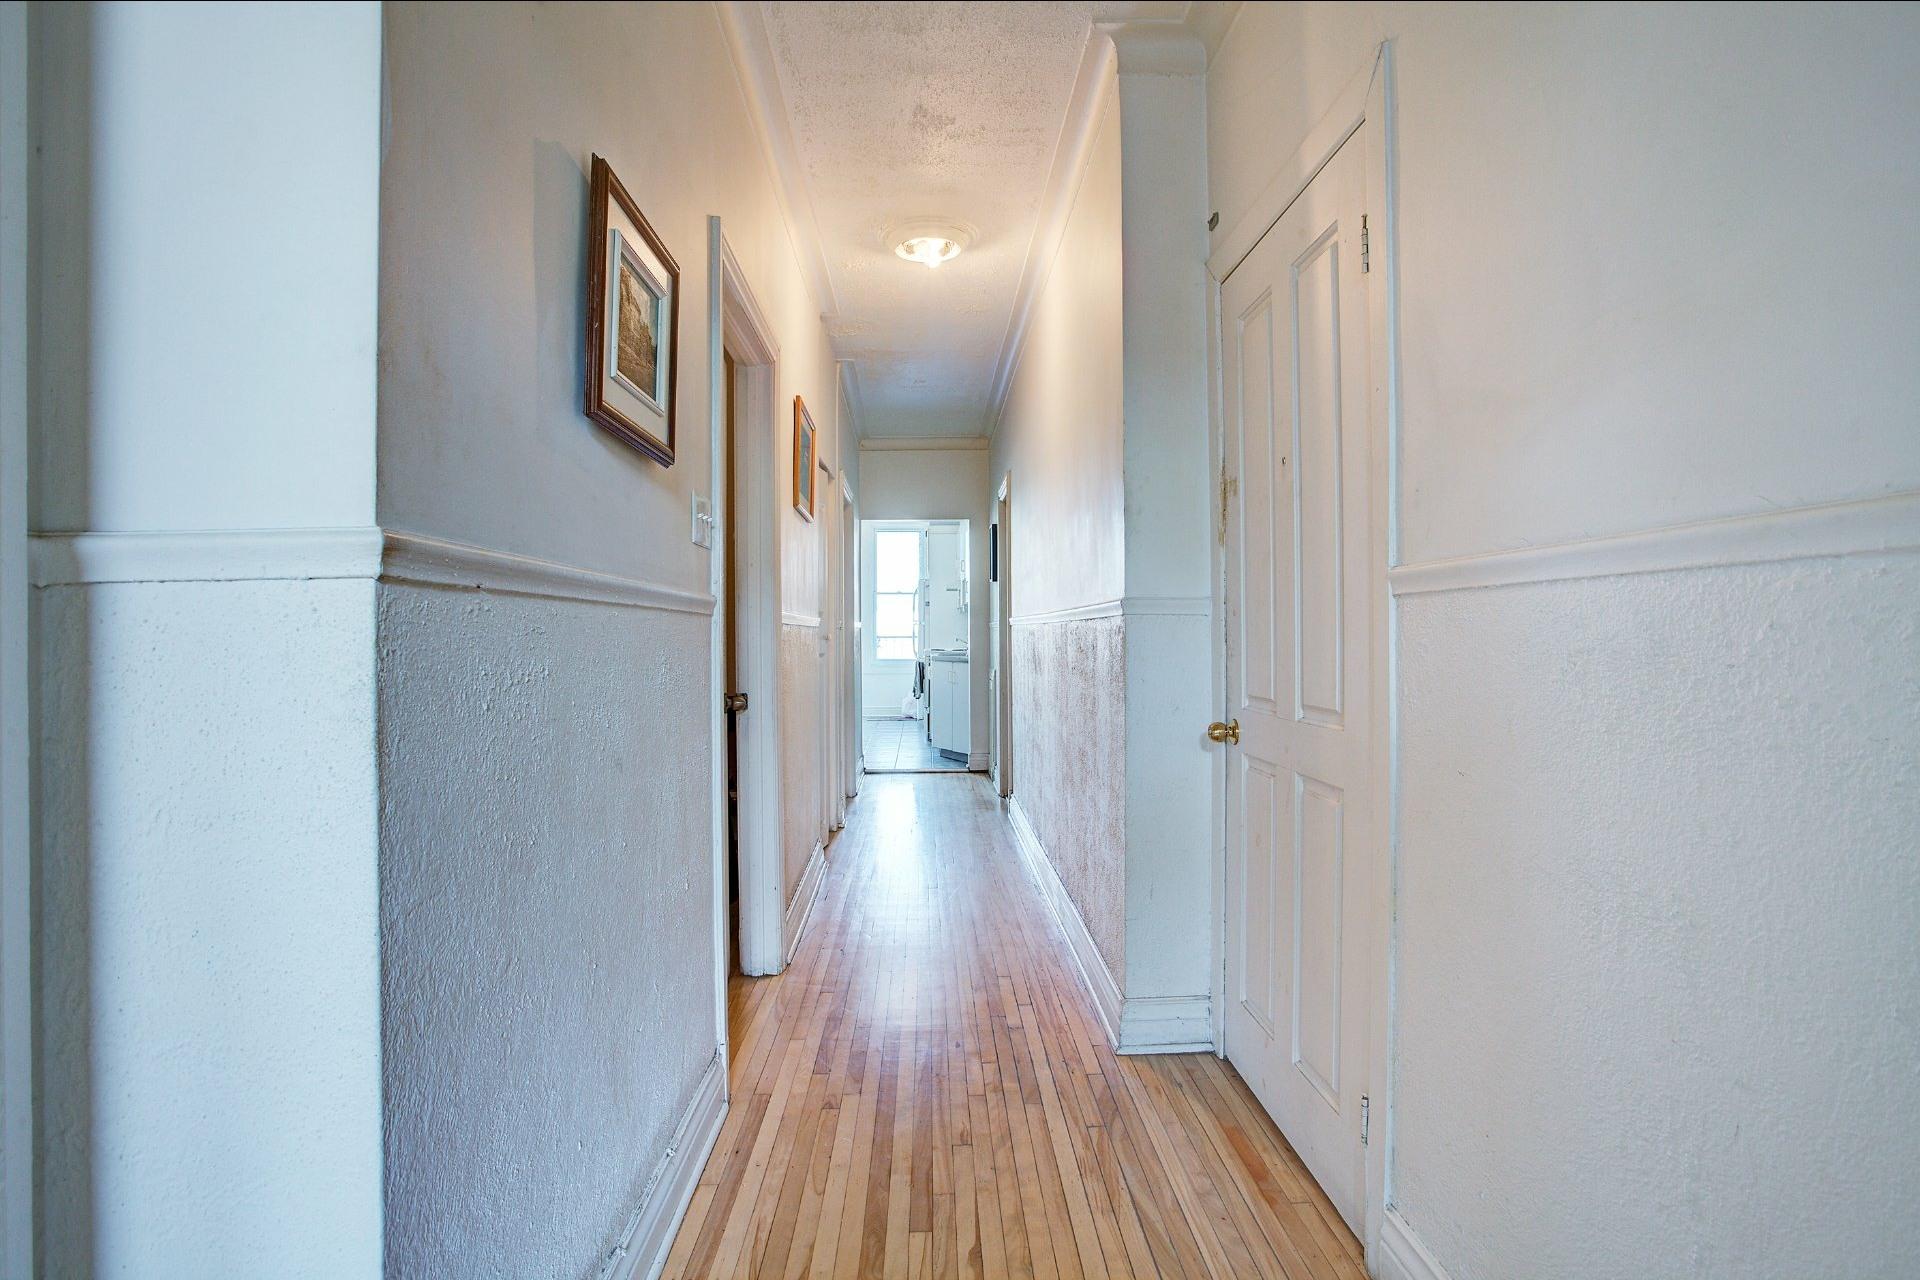 image 22 - Income property For sale Le Sud-Ouest Montréal  - 4 rooms